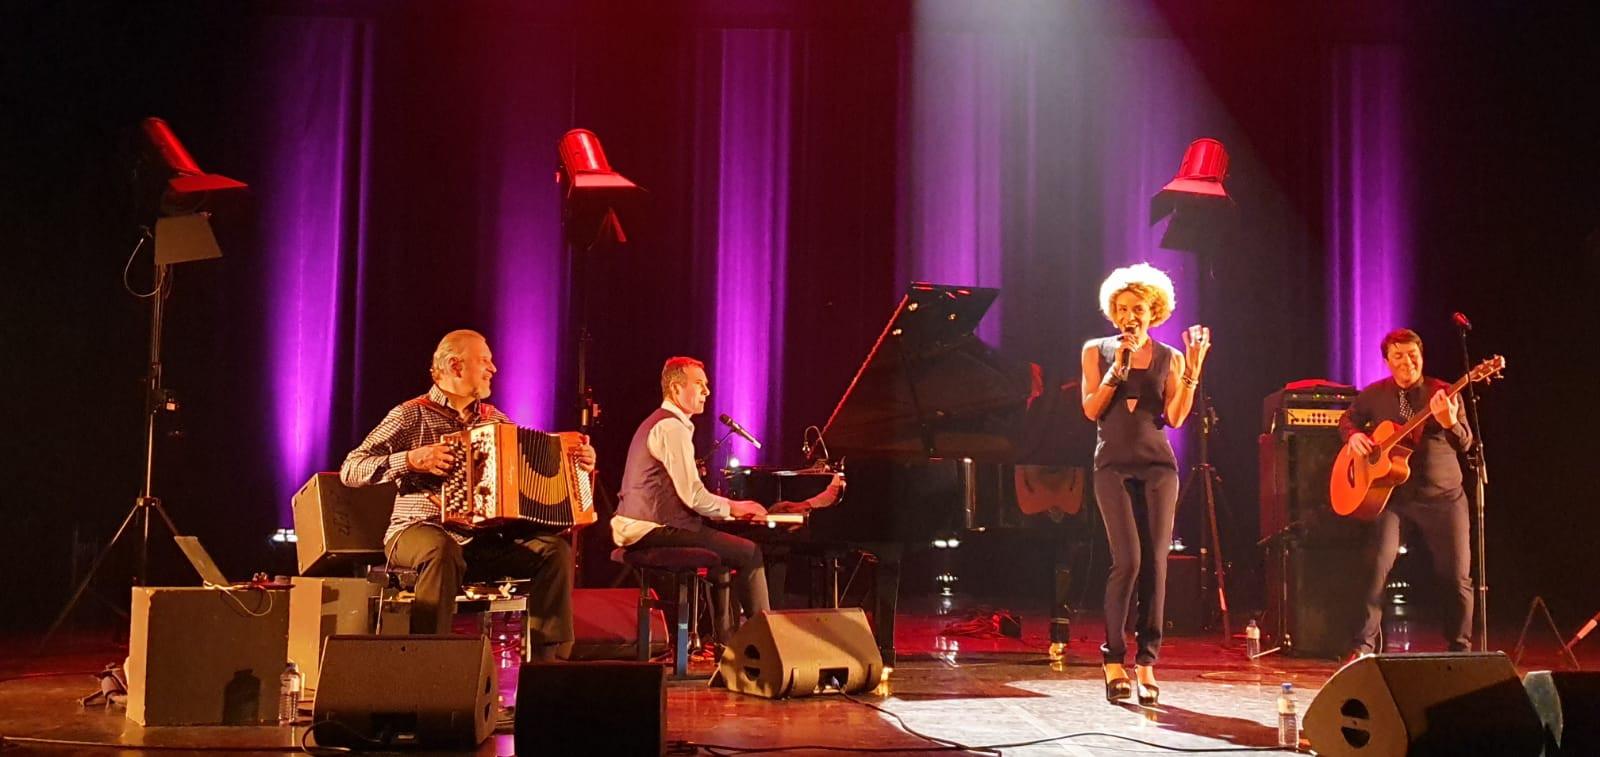 """Jazz Festival, St Benoit Swing (La Hune) Sophie Thiam, David Henry, Marc Berthoumieux """"guest"""", Richard Puaud,  © Nicolas Bré"""